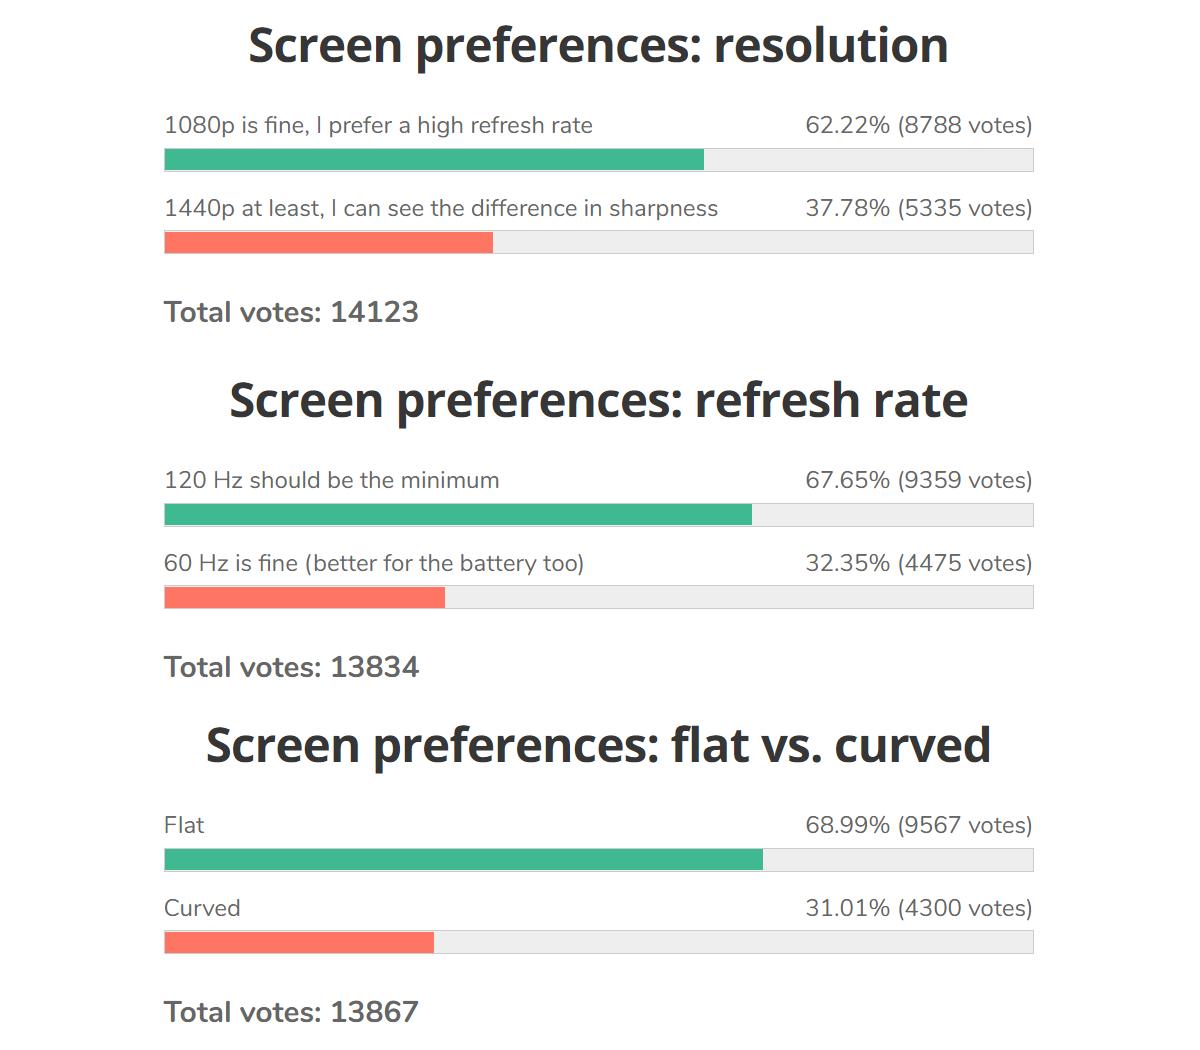 Résultats du sondage hebdomadaire: l'écran idéal est un écran plat de 120 Hz avec une résolution de 1080p